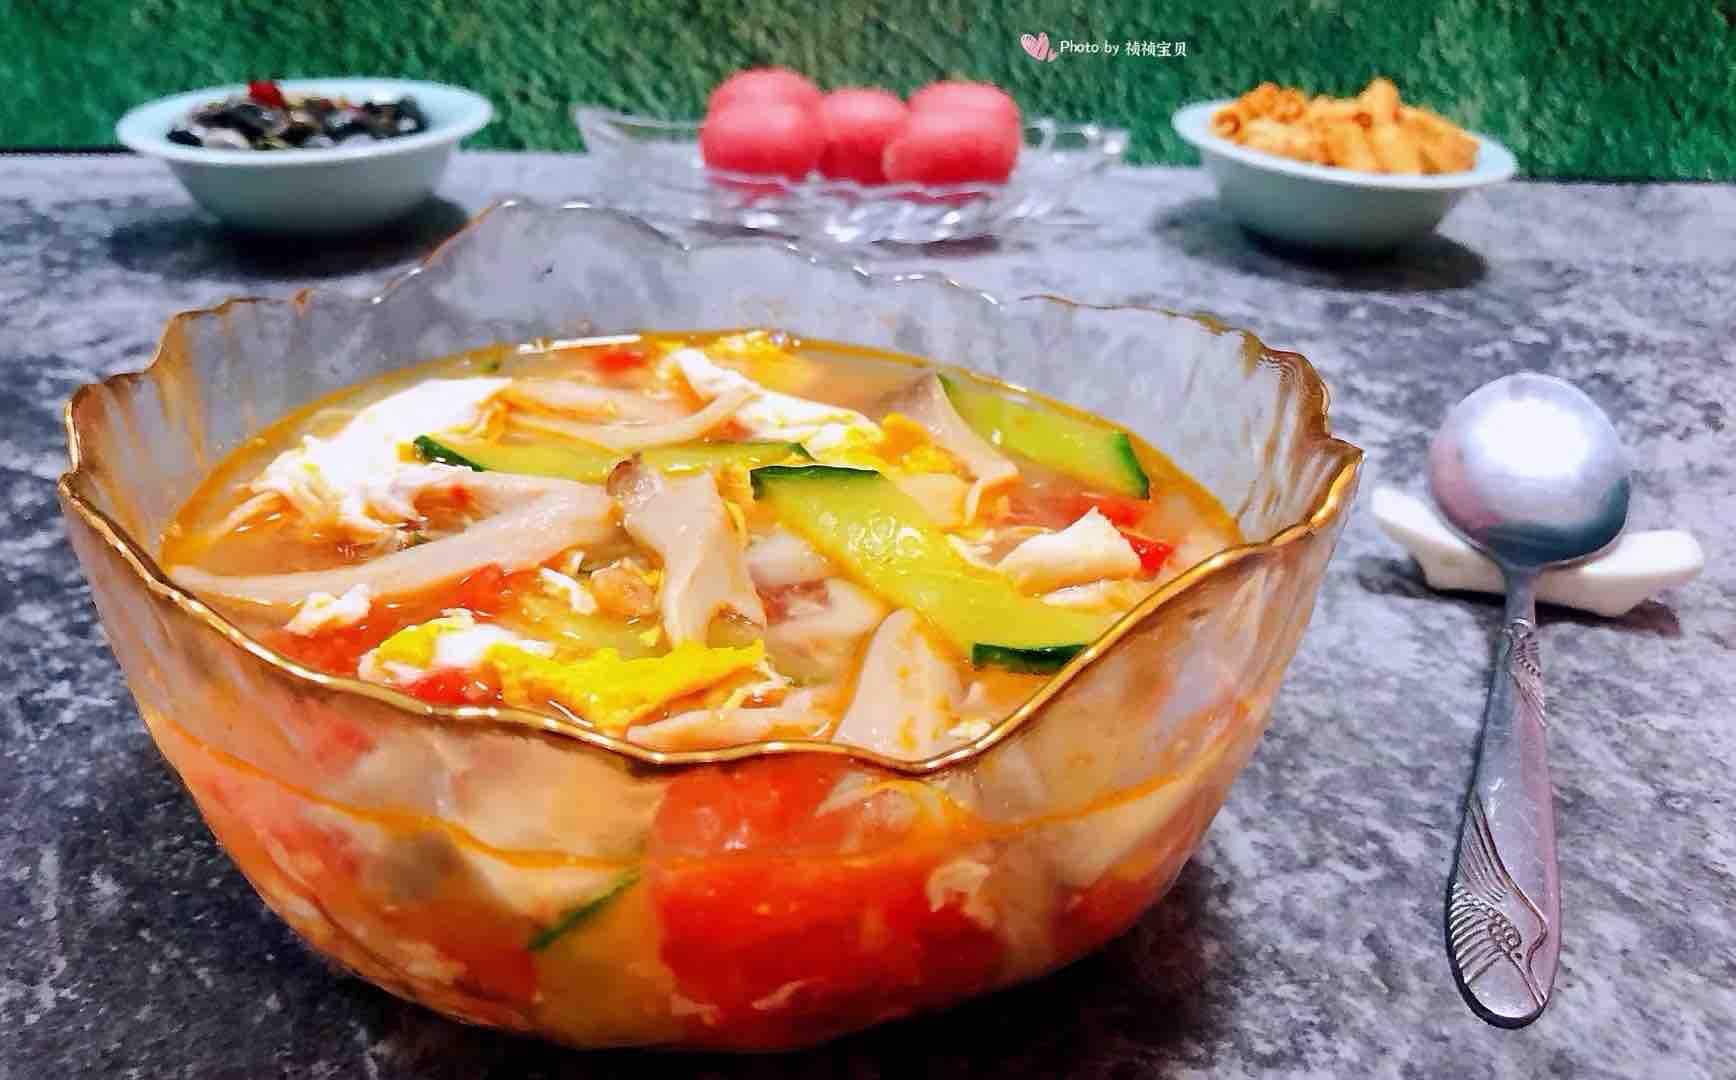 西红柿平菇黄瓜蛋花汤怎样煮